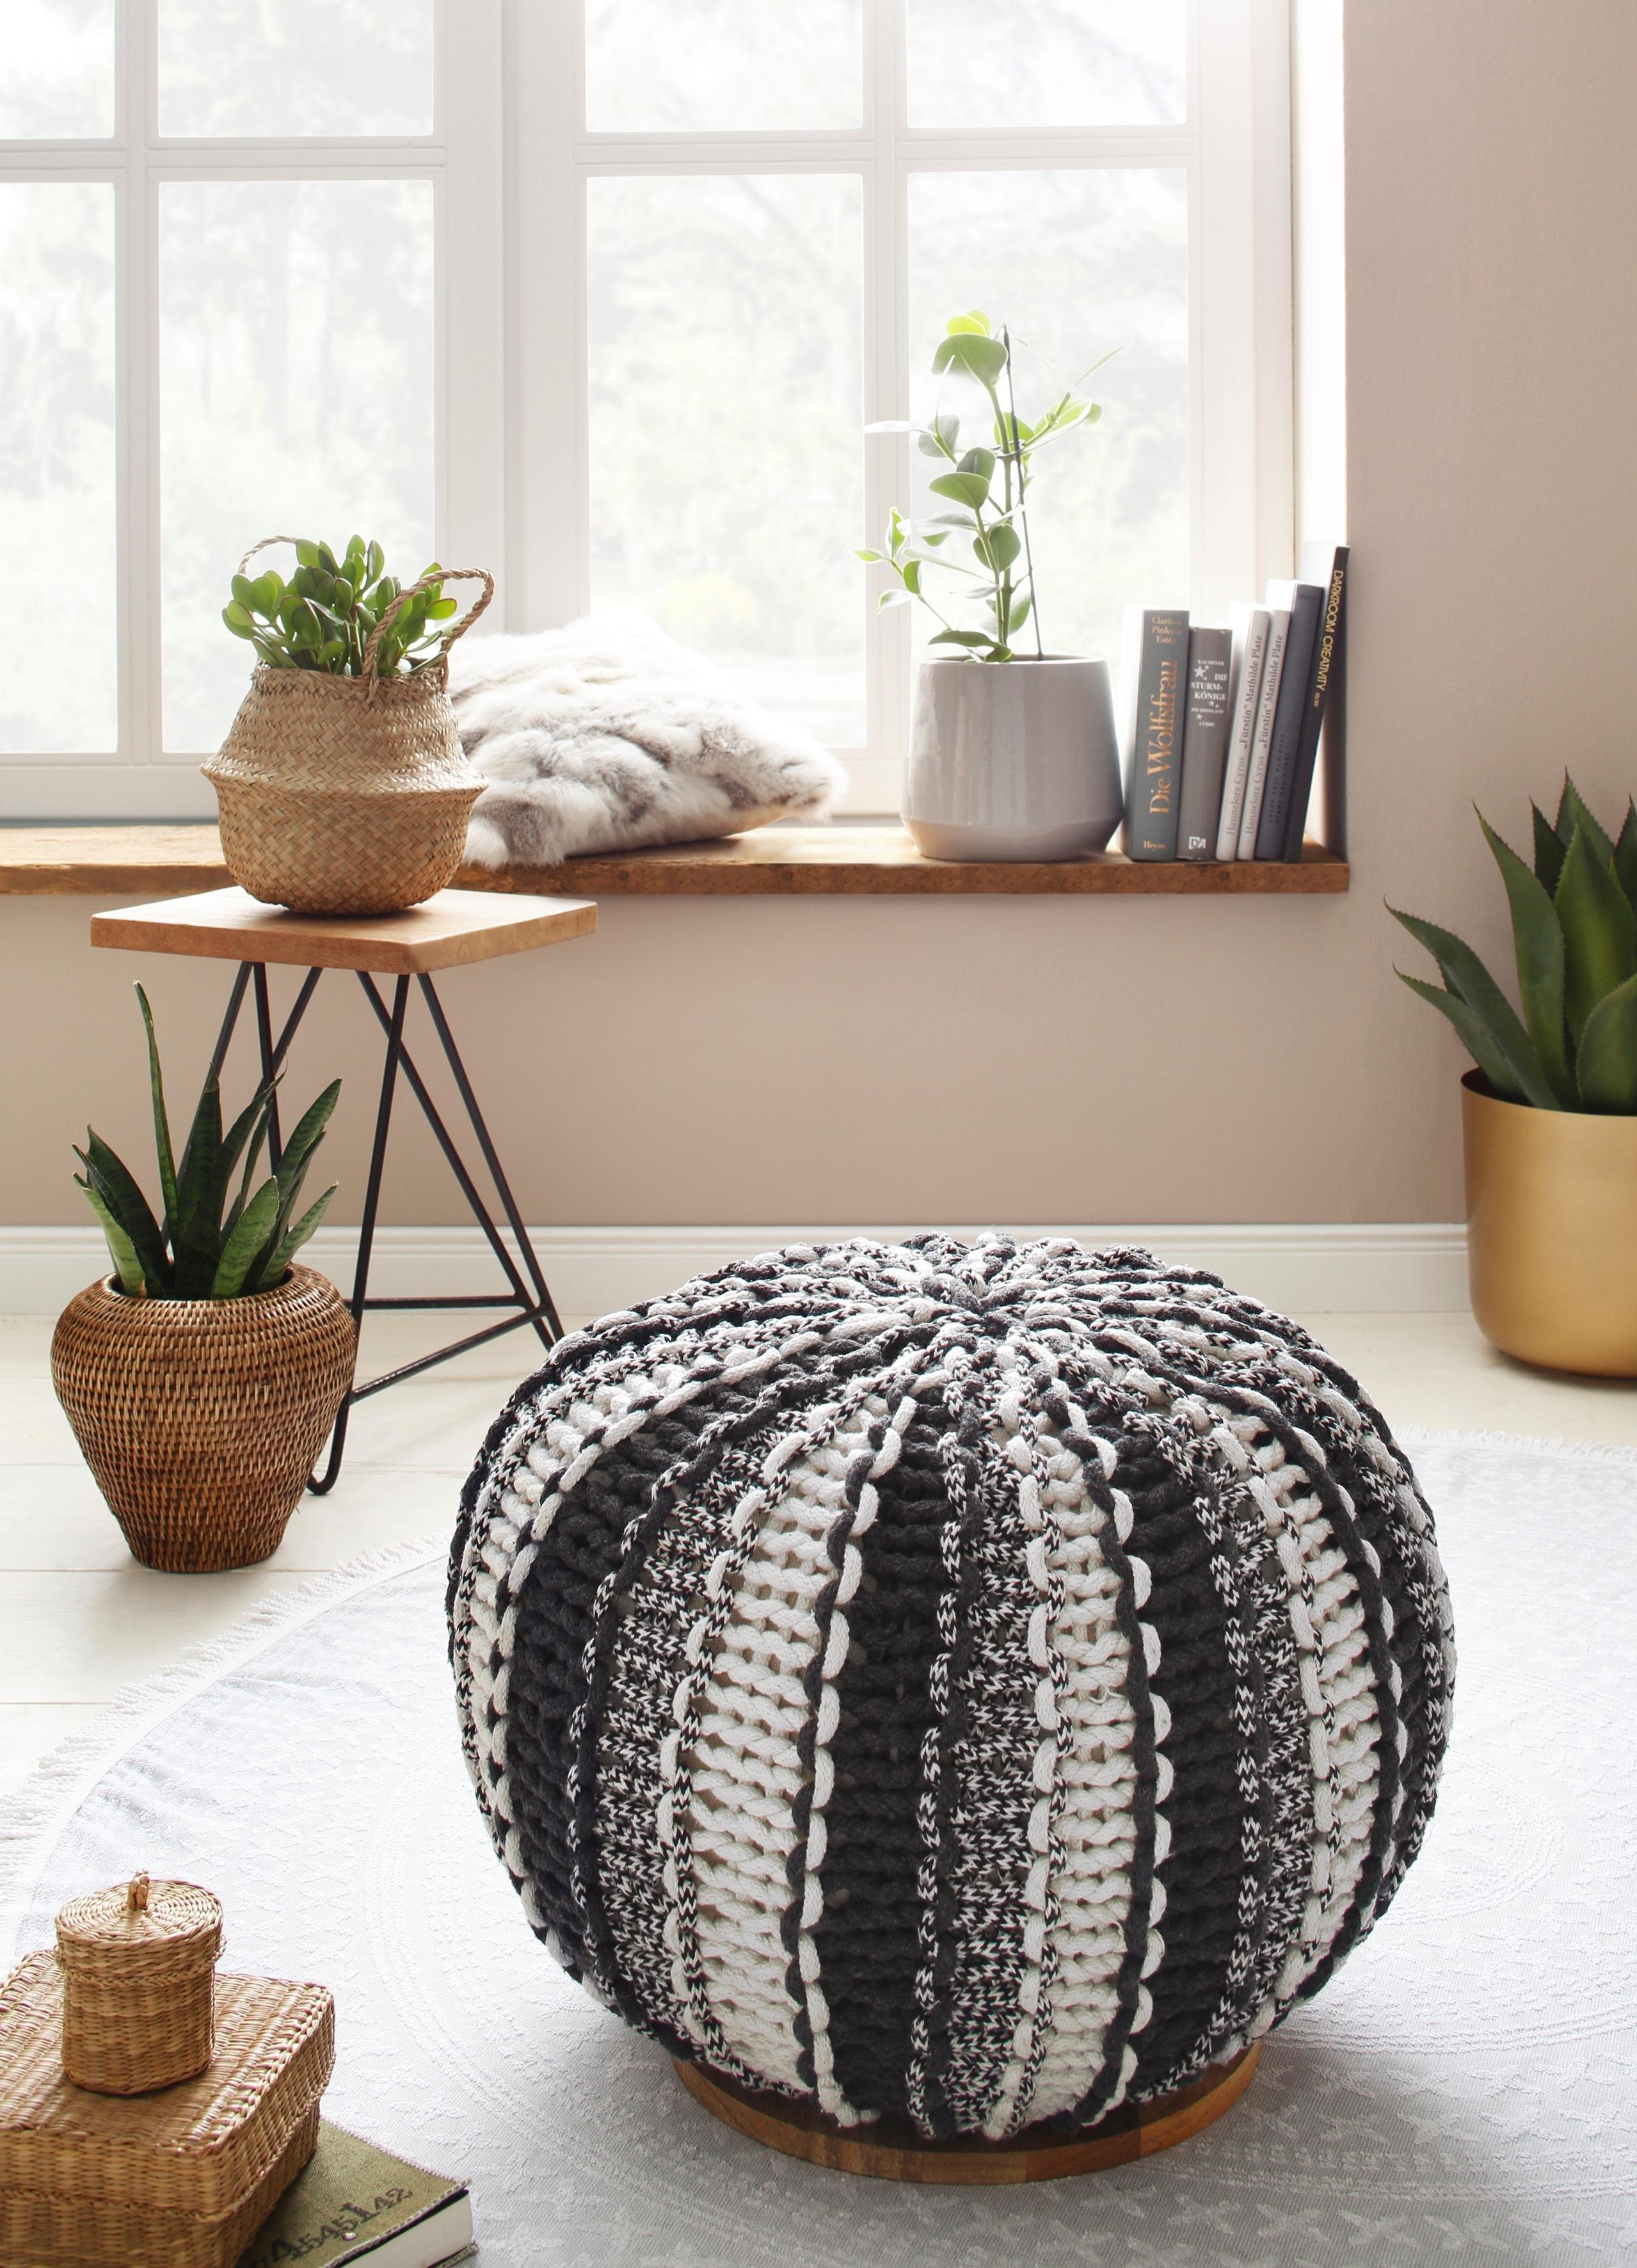 Home affaire poef Zebra met een mooie bekleding van weefstof, onderblad van massief mangohout nu online bestellen